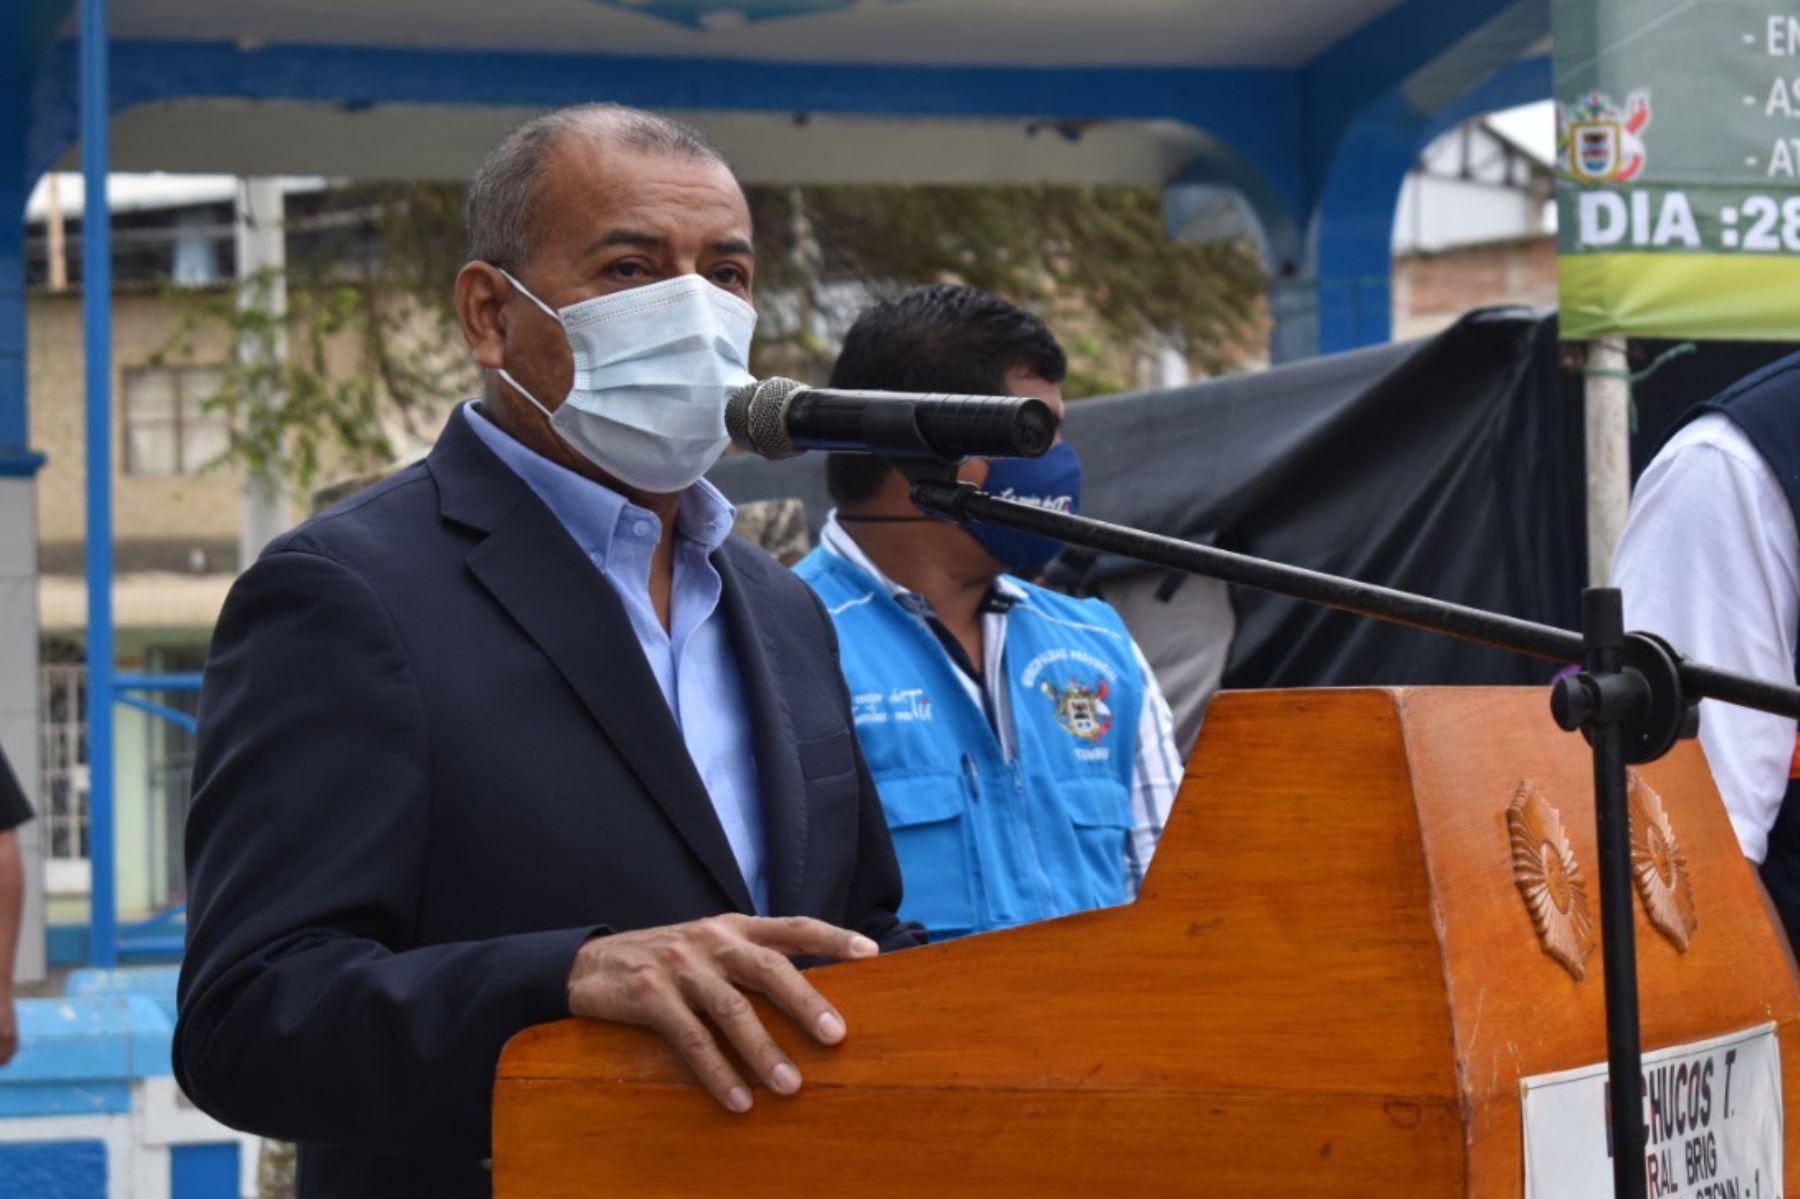 Gobernador regional de Tumbes, Wilmer Dios, saludó la proclamación de Pedro Castillo como presidente de la República. Foto: ANDINA/Difusión.